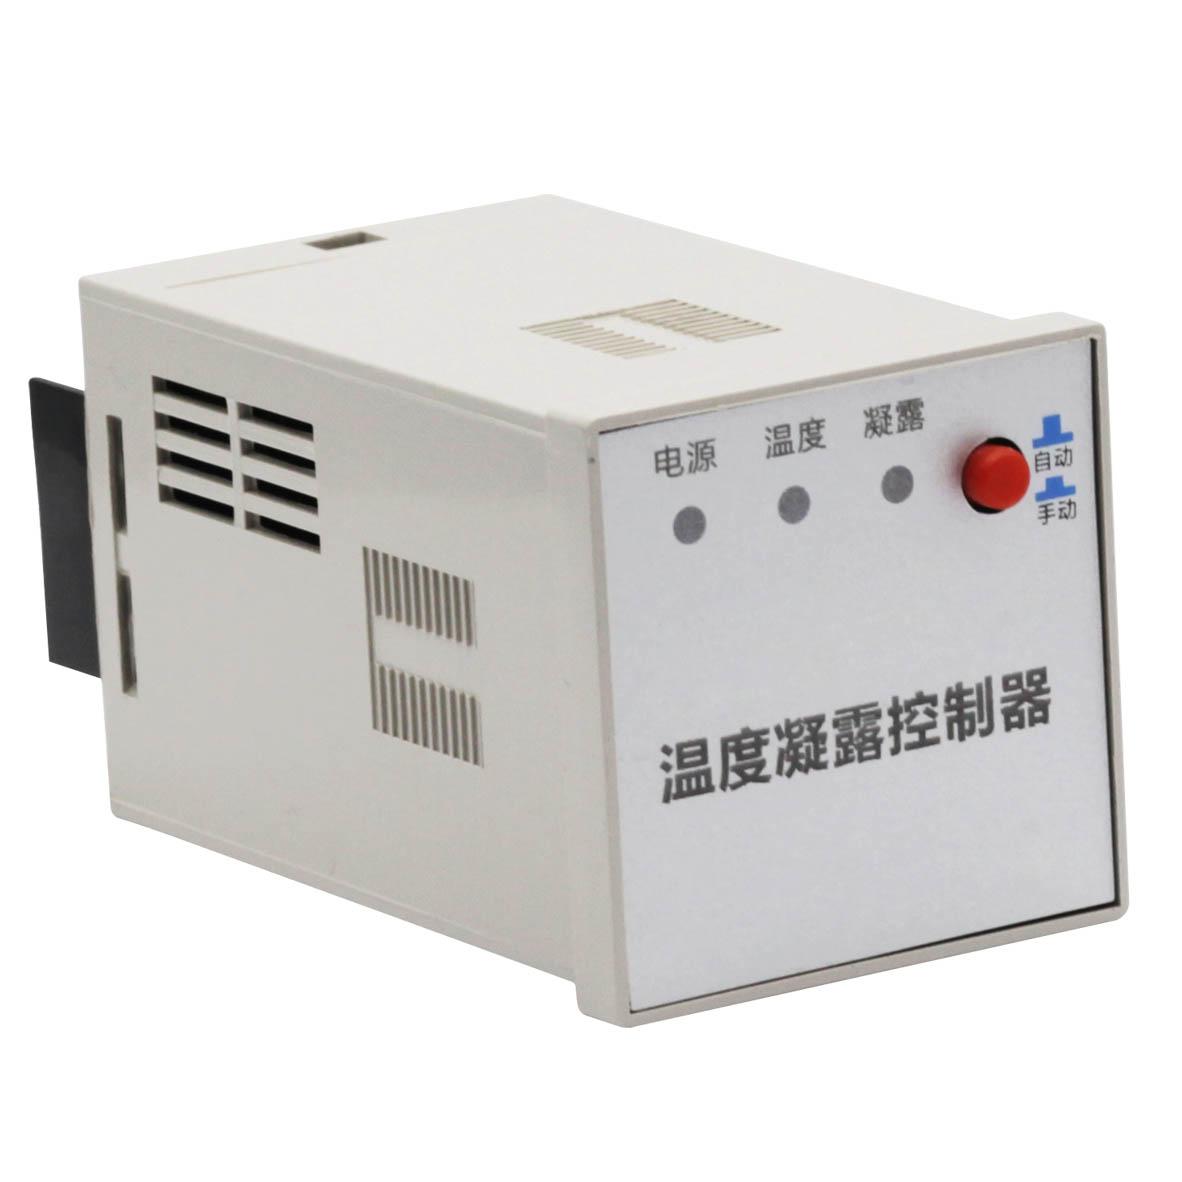 邯郸临漳WHCKSG-5.4/0.45-12低压串联电抗器品牌